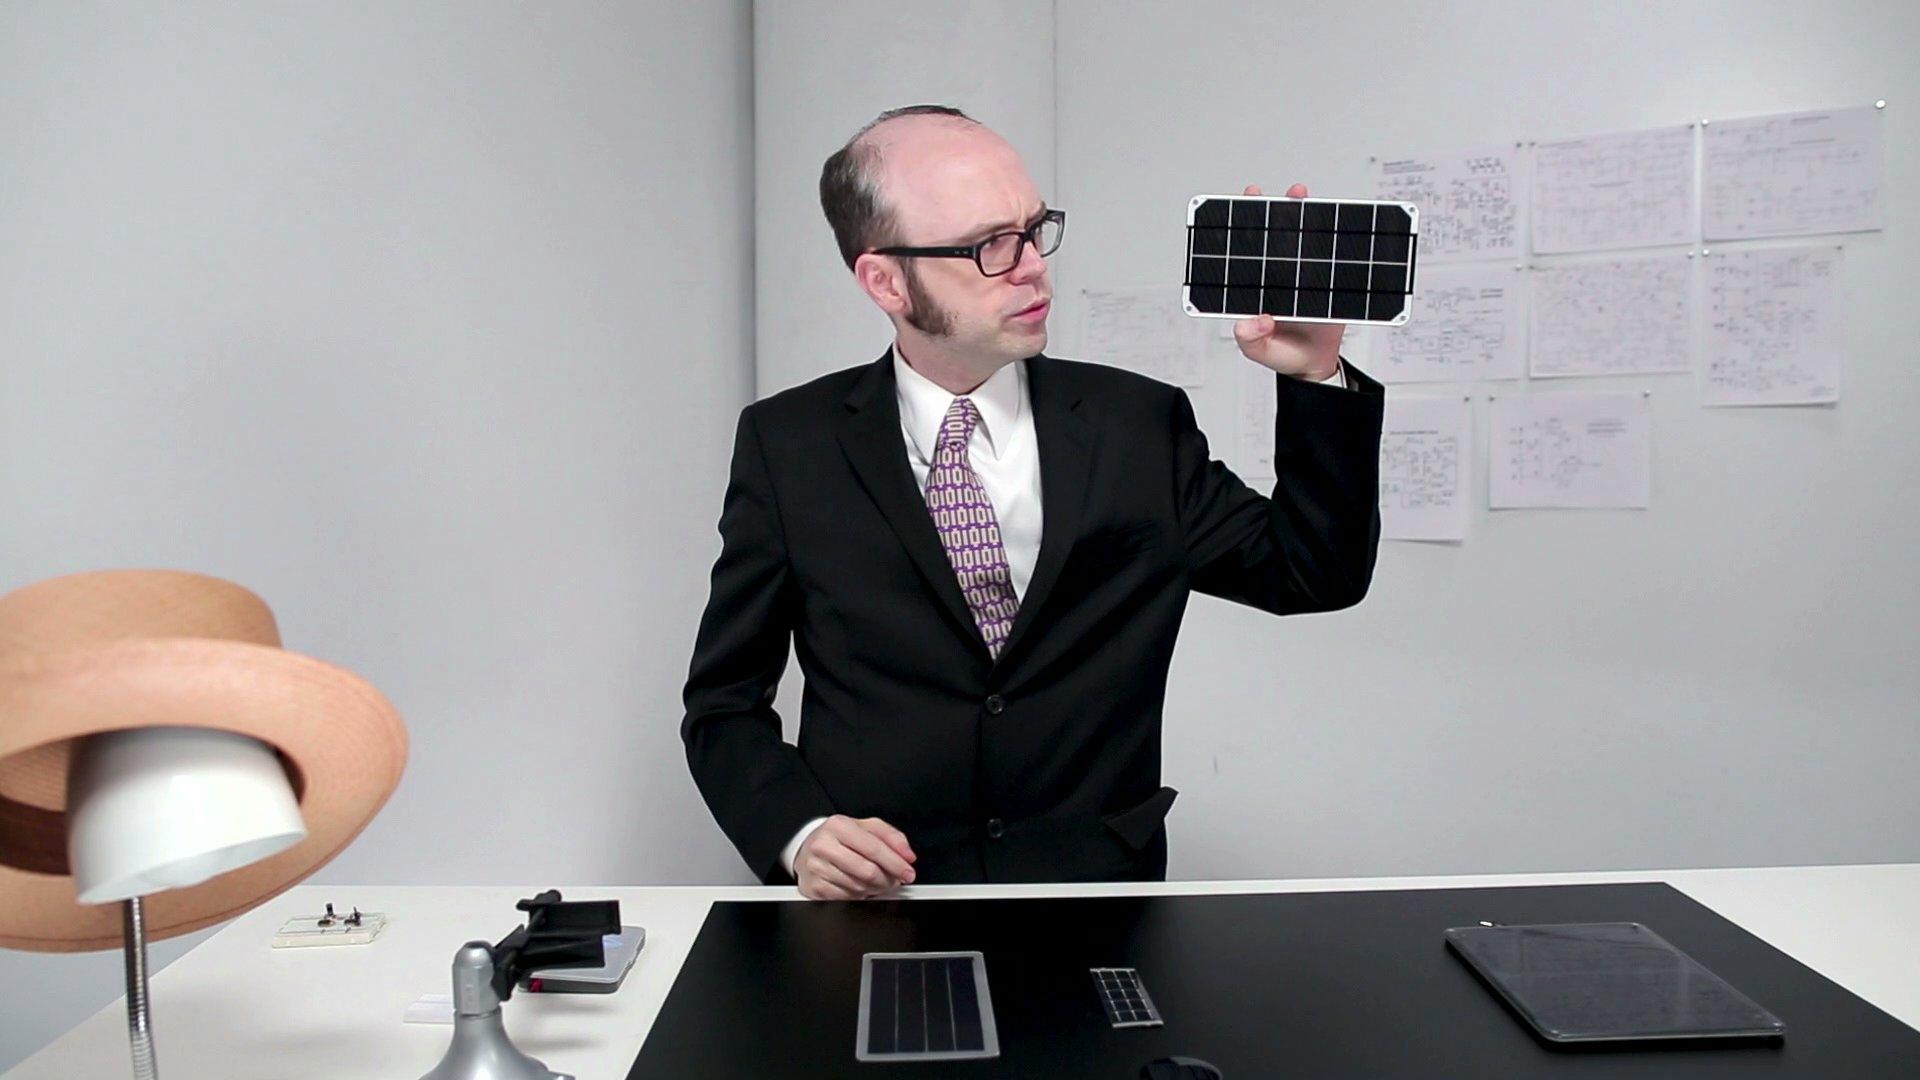 collin_s_lab_Collin's_Lab_-_Solar-2.jpeg